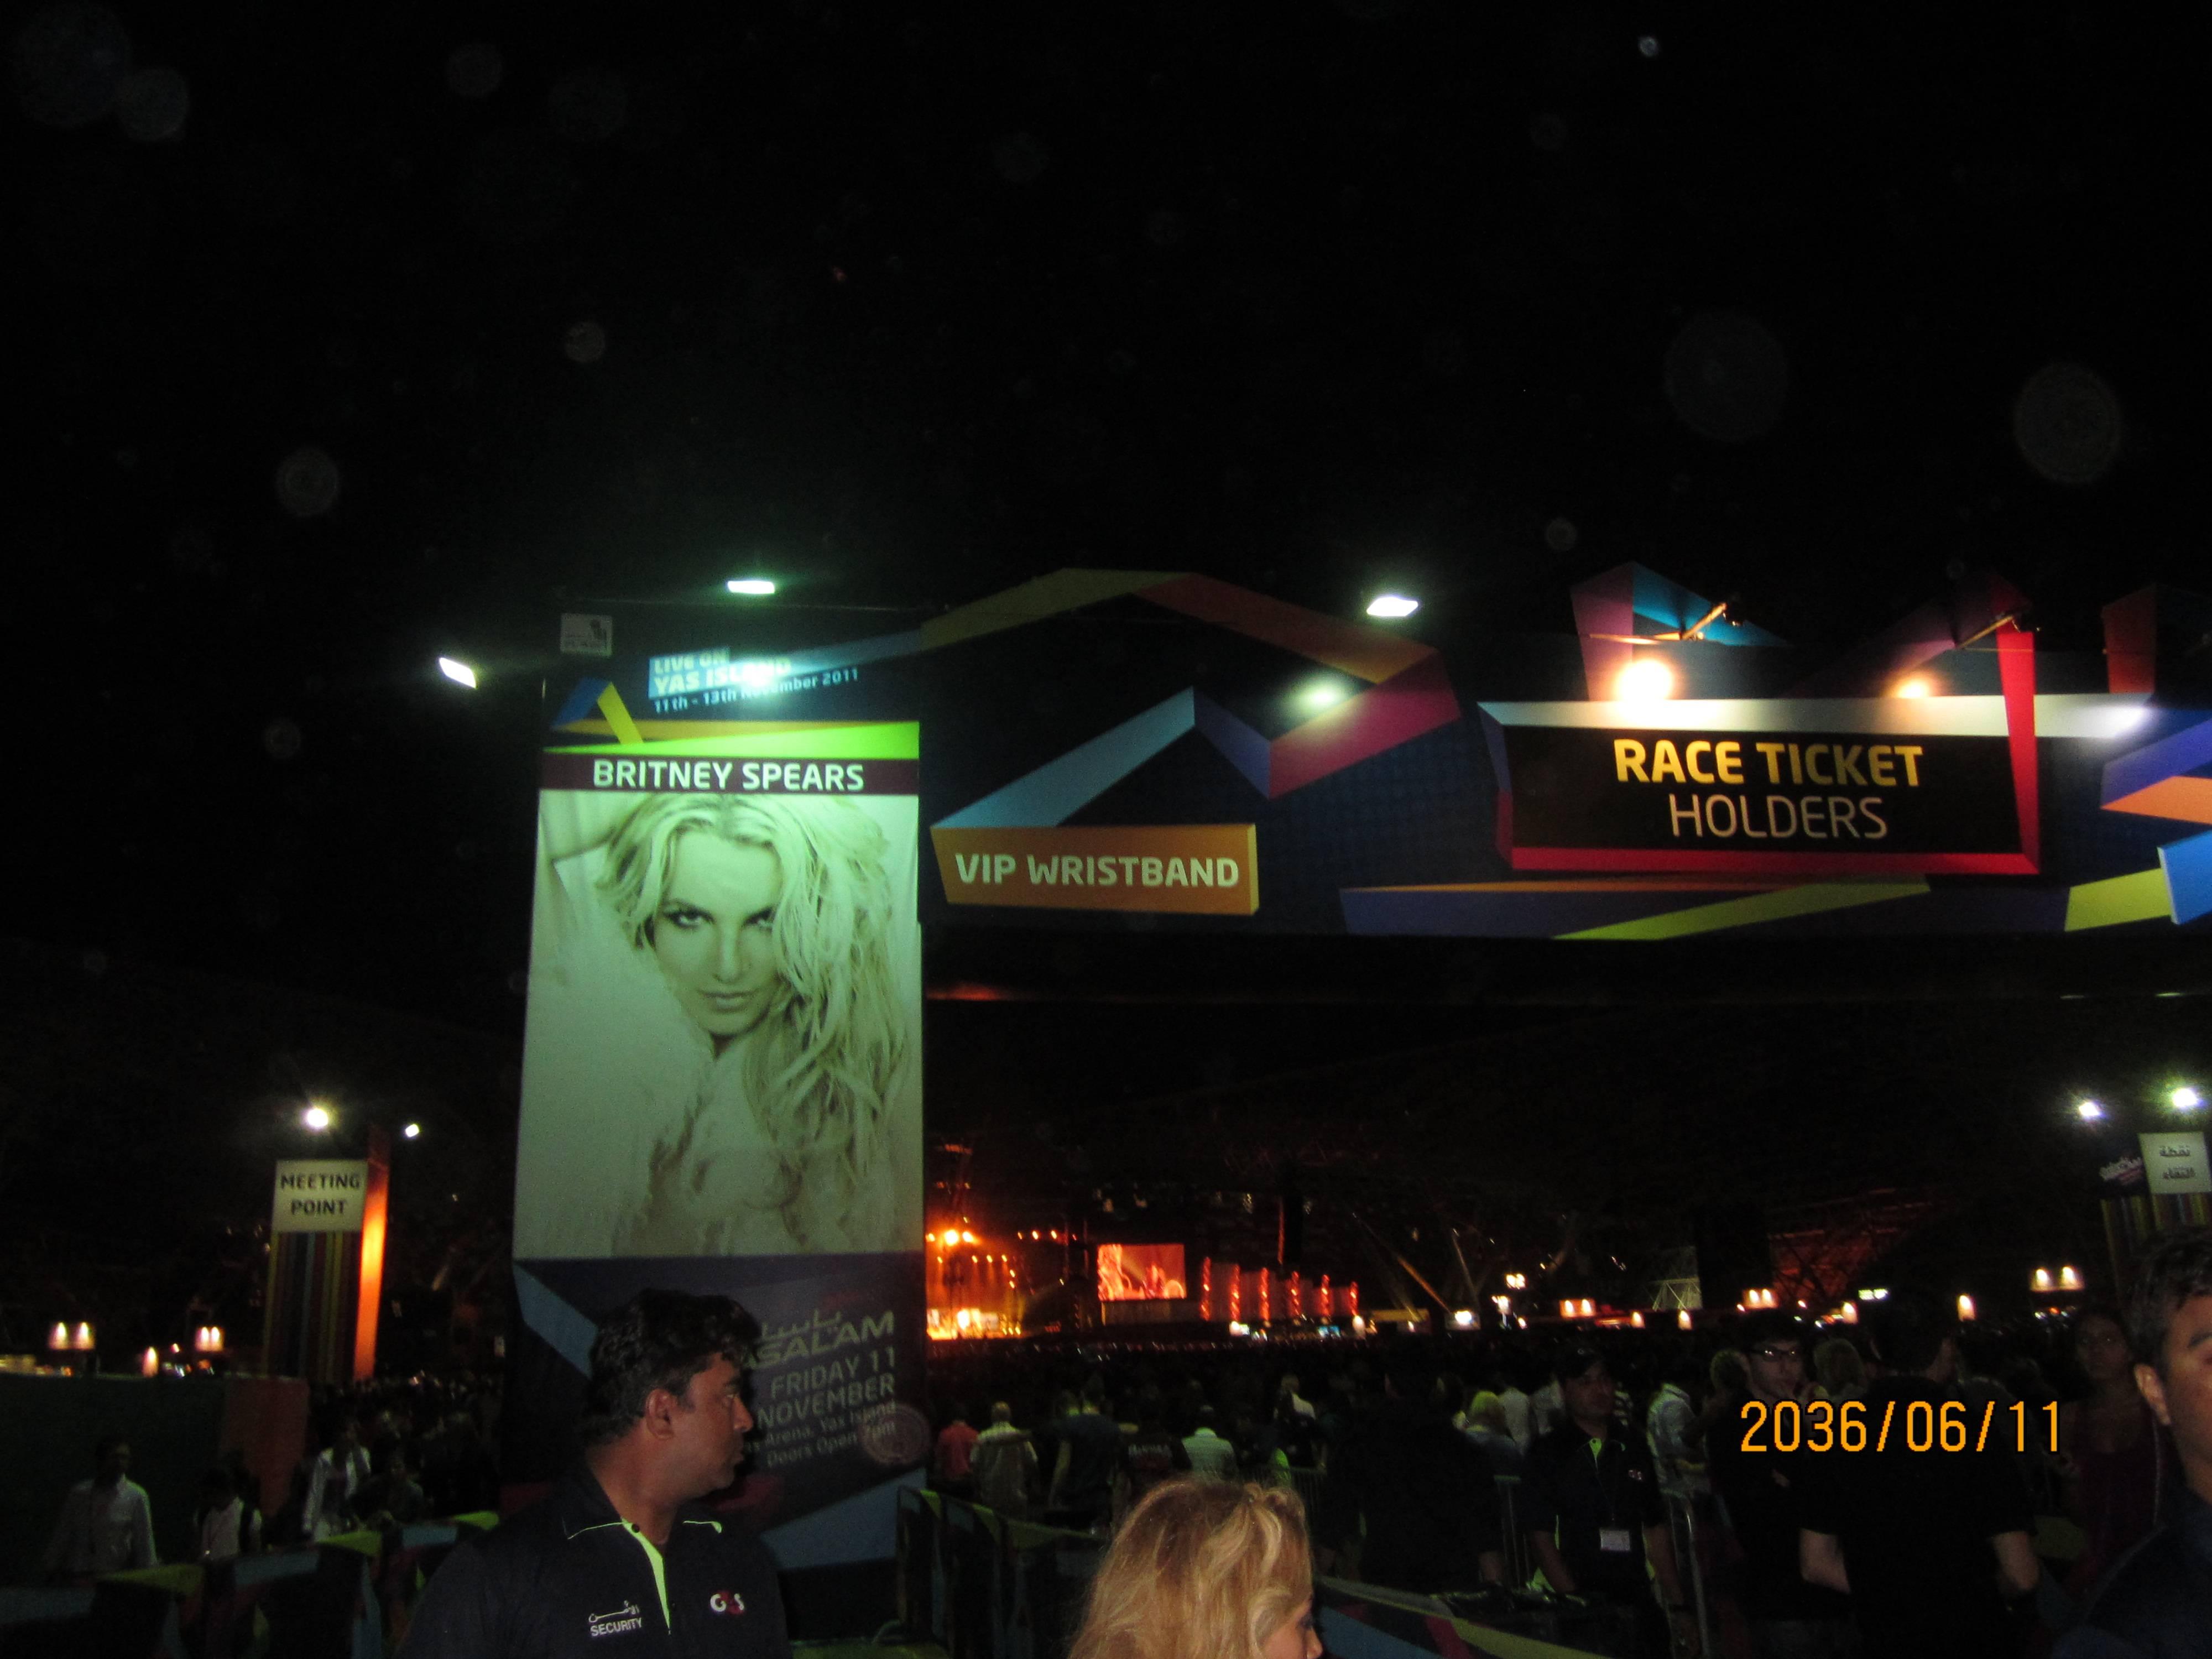 britney's concert